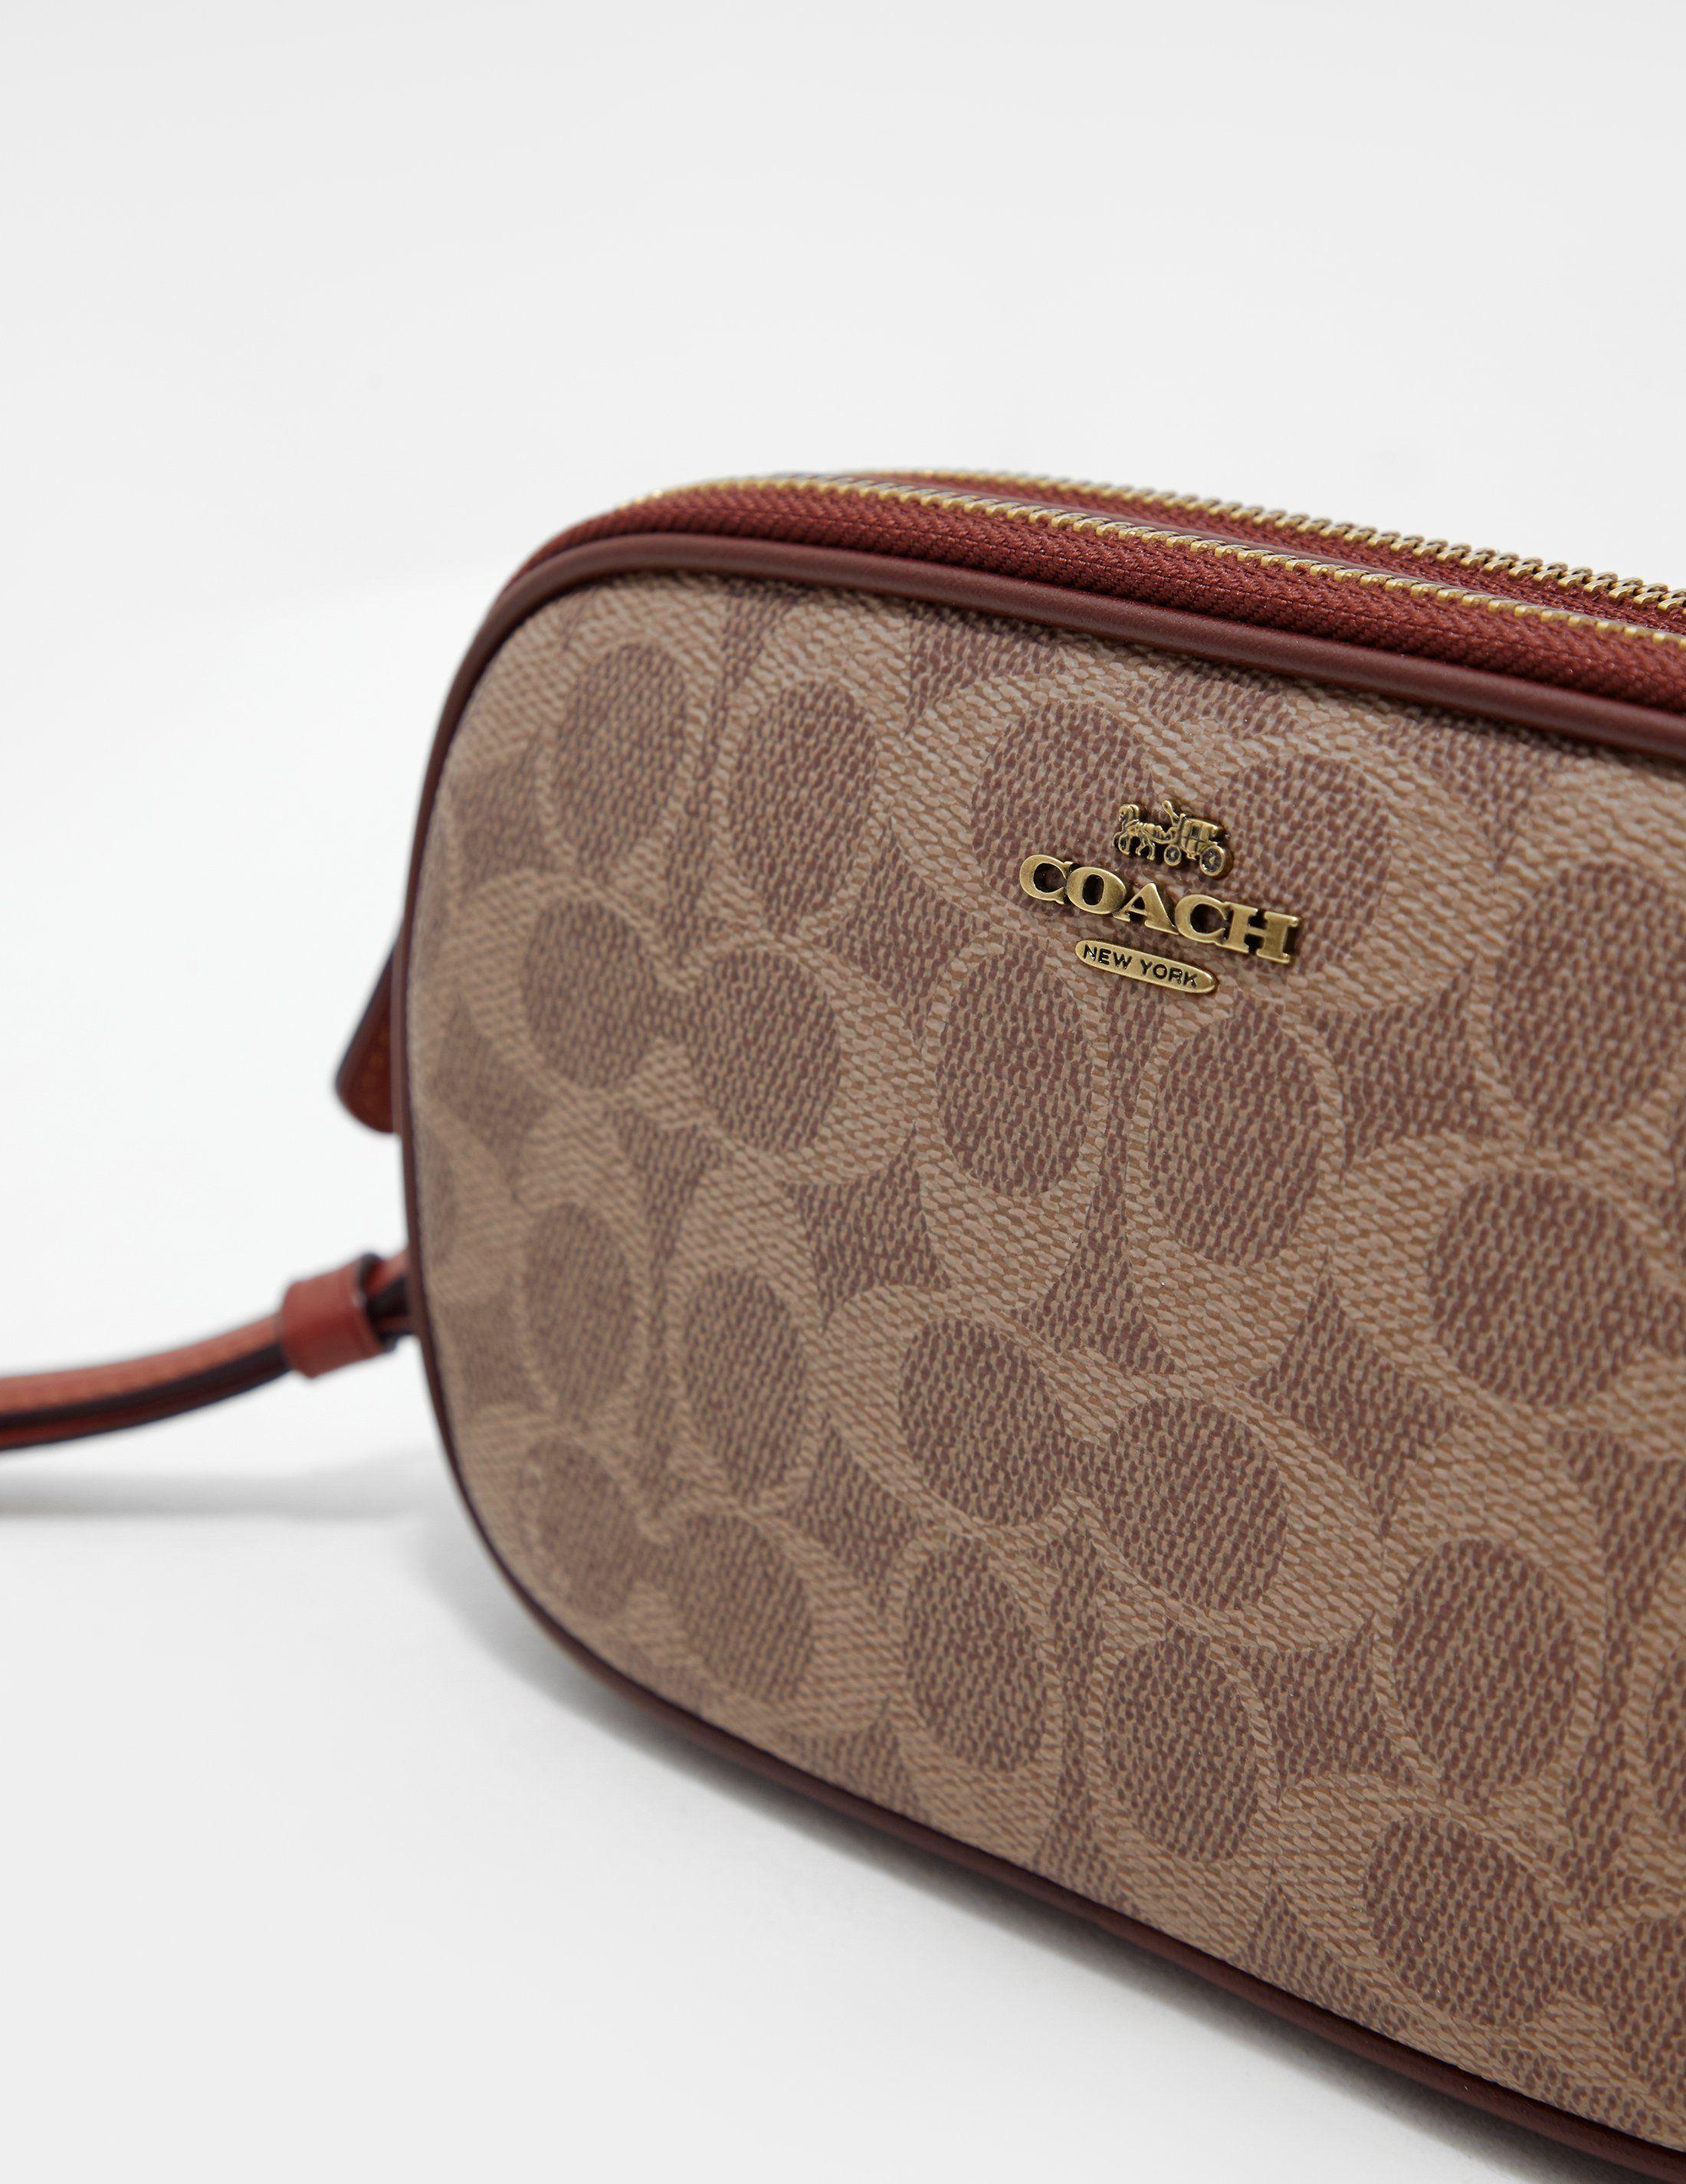 COACH Signature Canvas Shoulder Bag